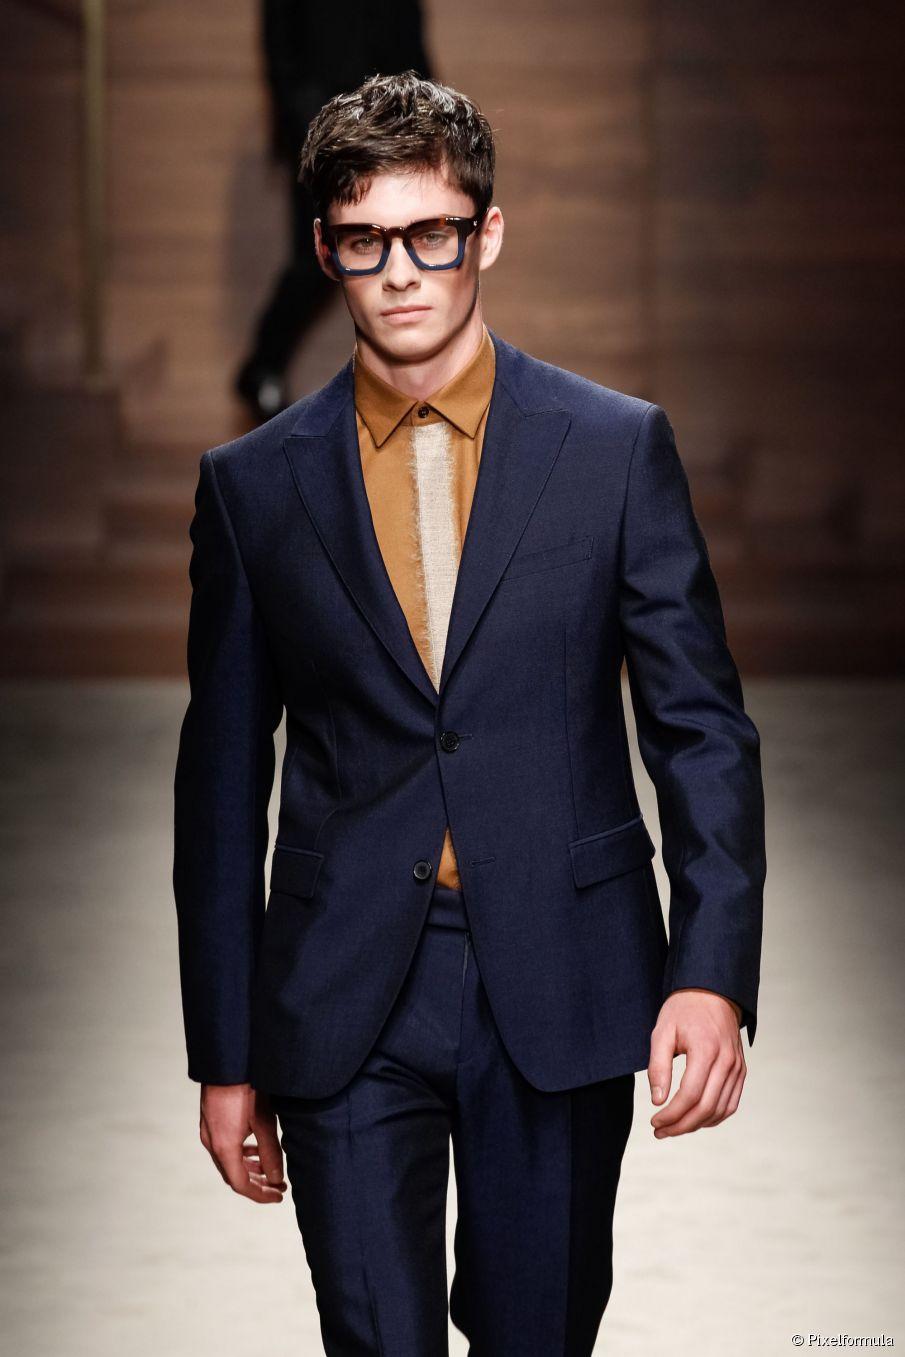 Frisur Inspiration für Männer: 15 Schnitte, um diesen Herbst zu versuchen